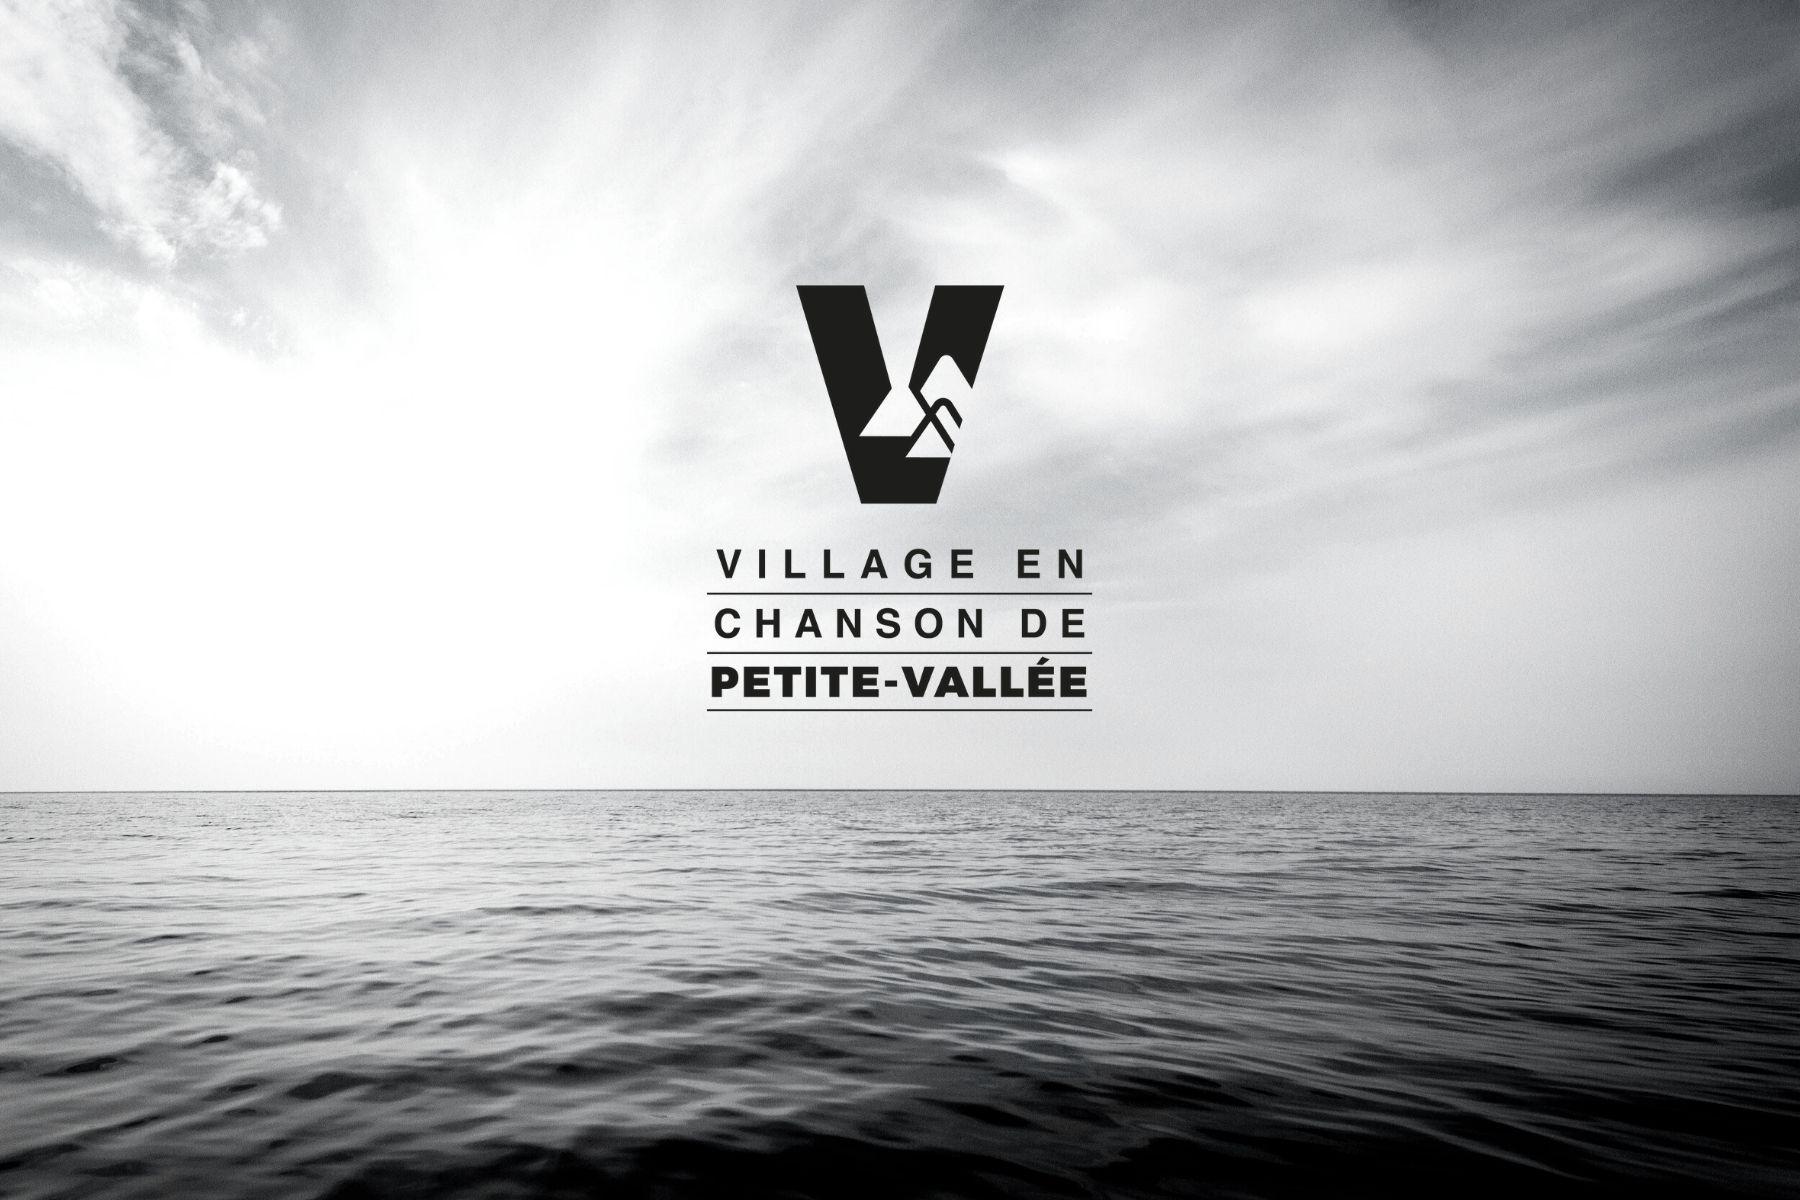 COVID-19 : Réaction du Village en chanson